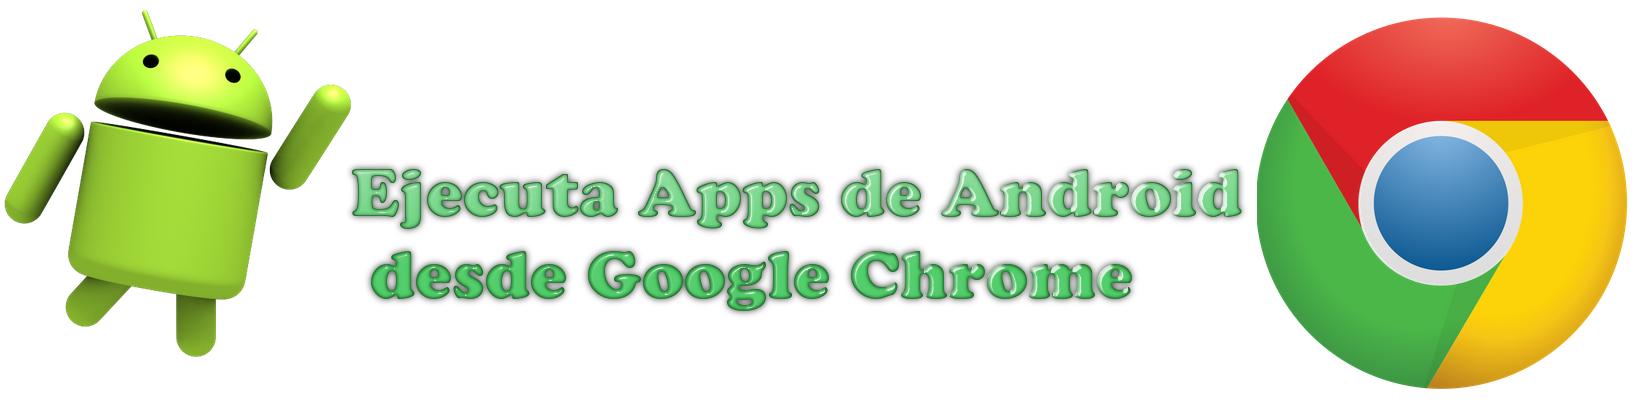 ARC welder el complemento de Chrome que permite correr aplicaciones Android en tu PC